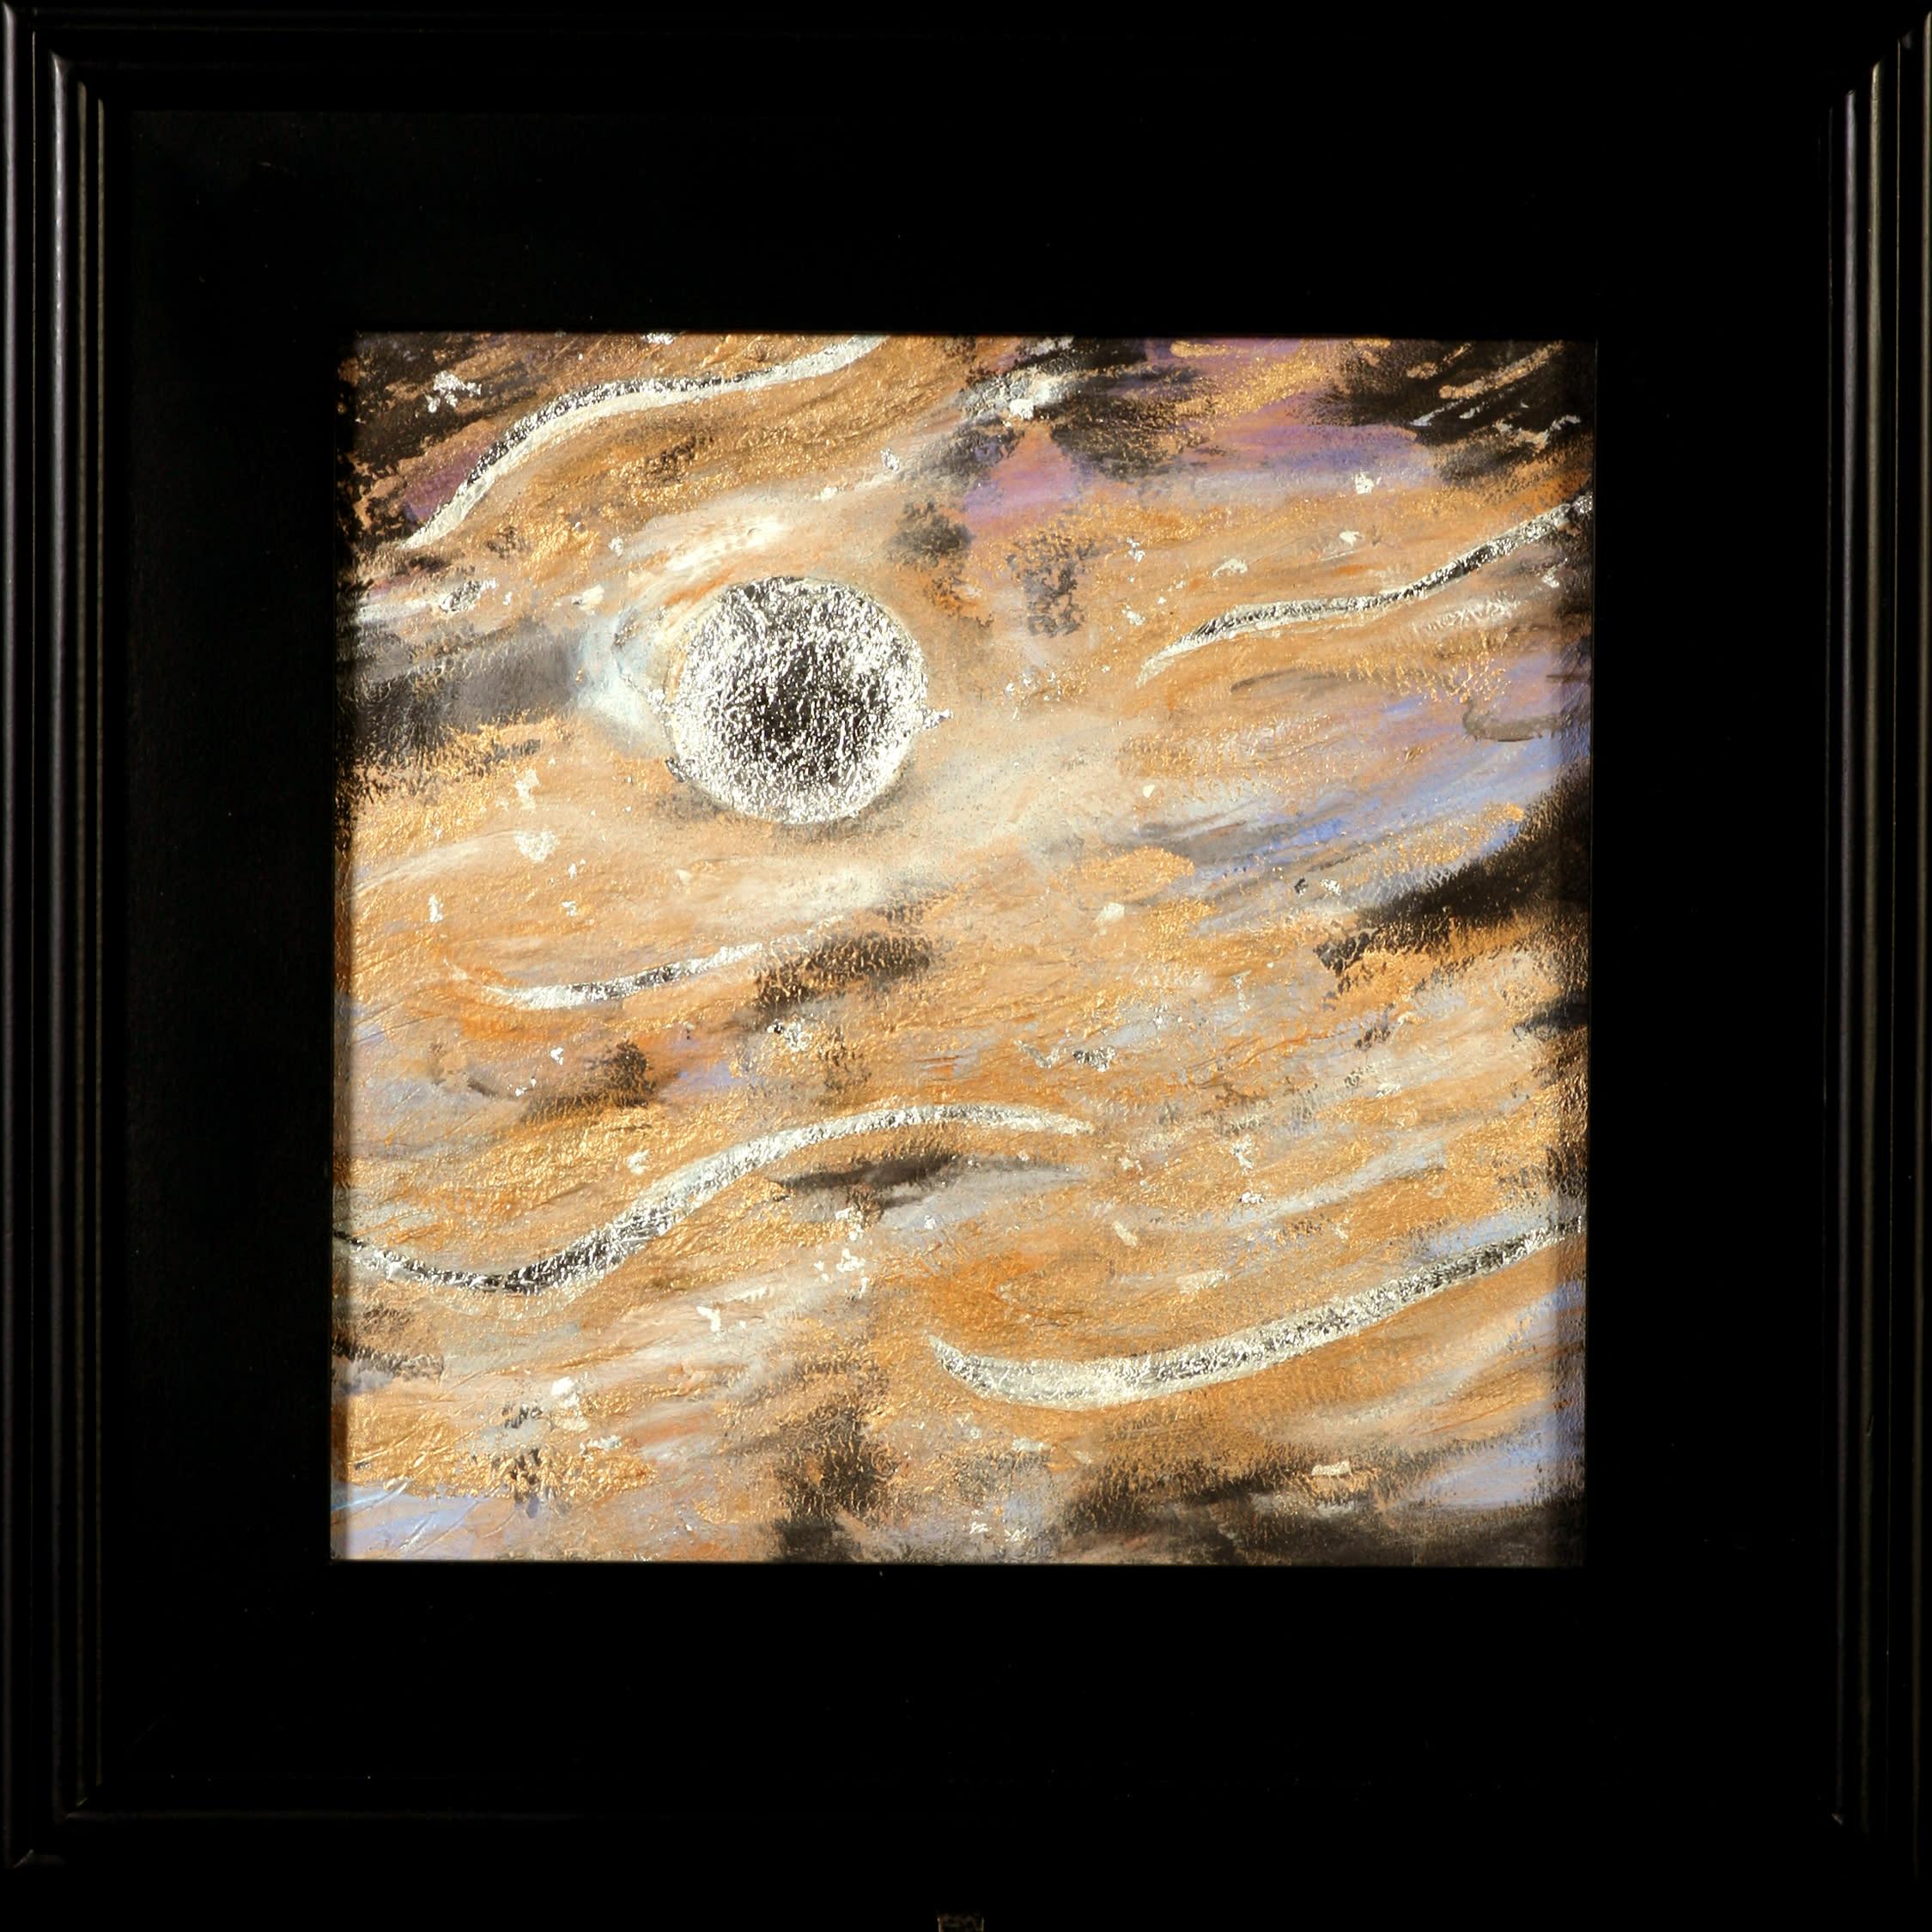 Moons of jupiter ph63x1